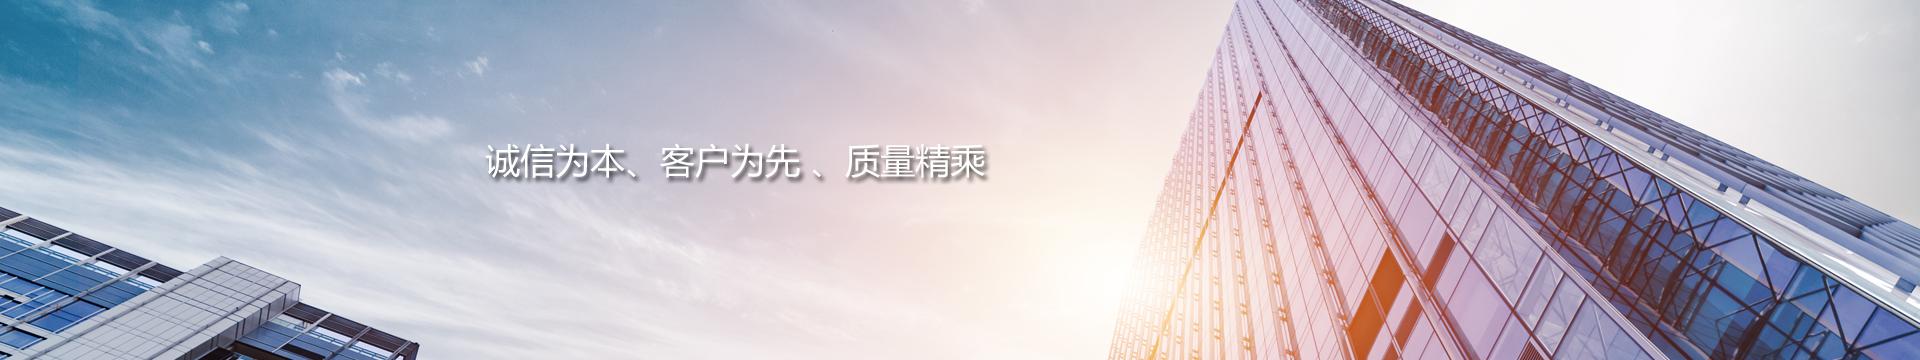 张家港来鑫特塑胶有限公司